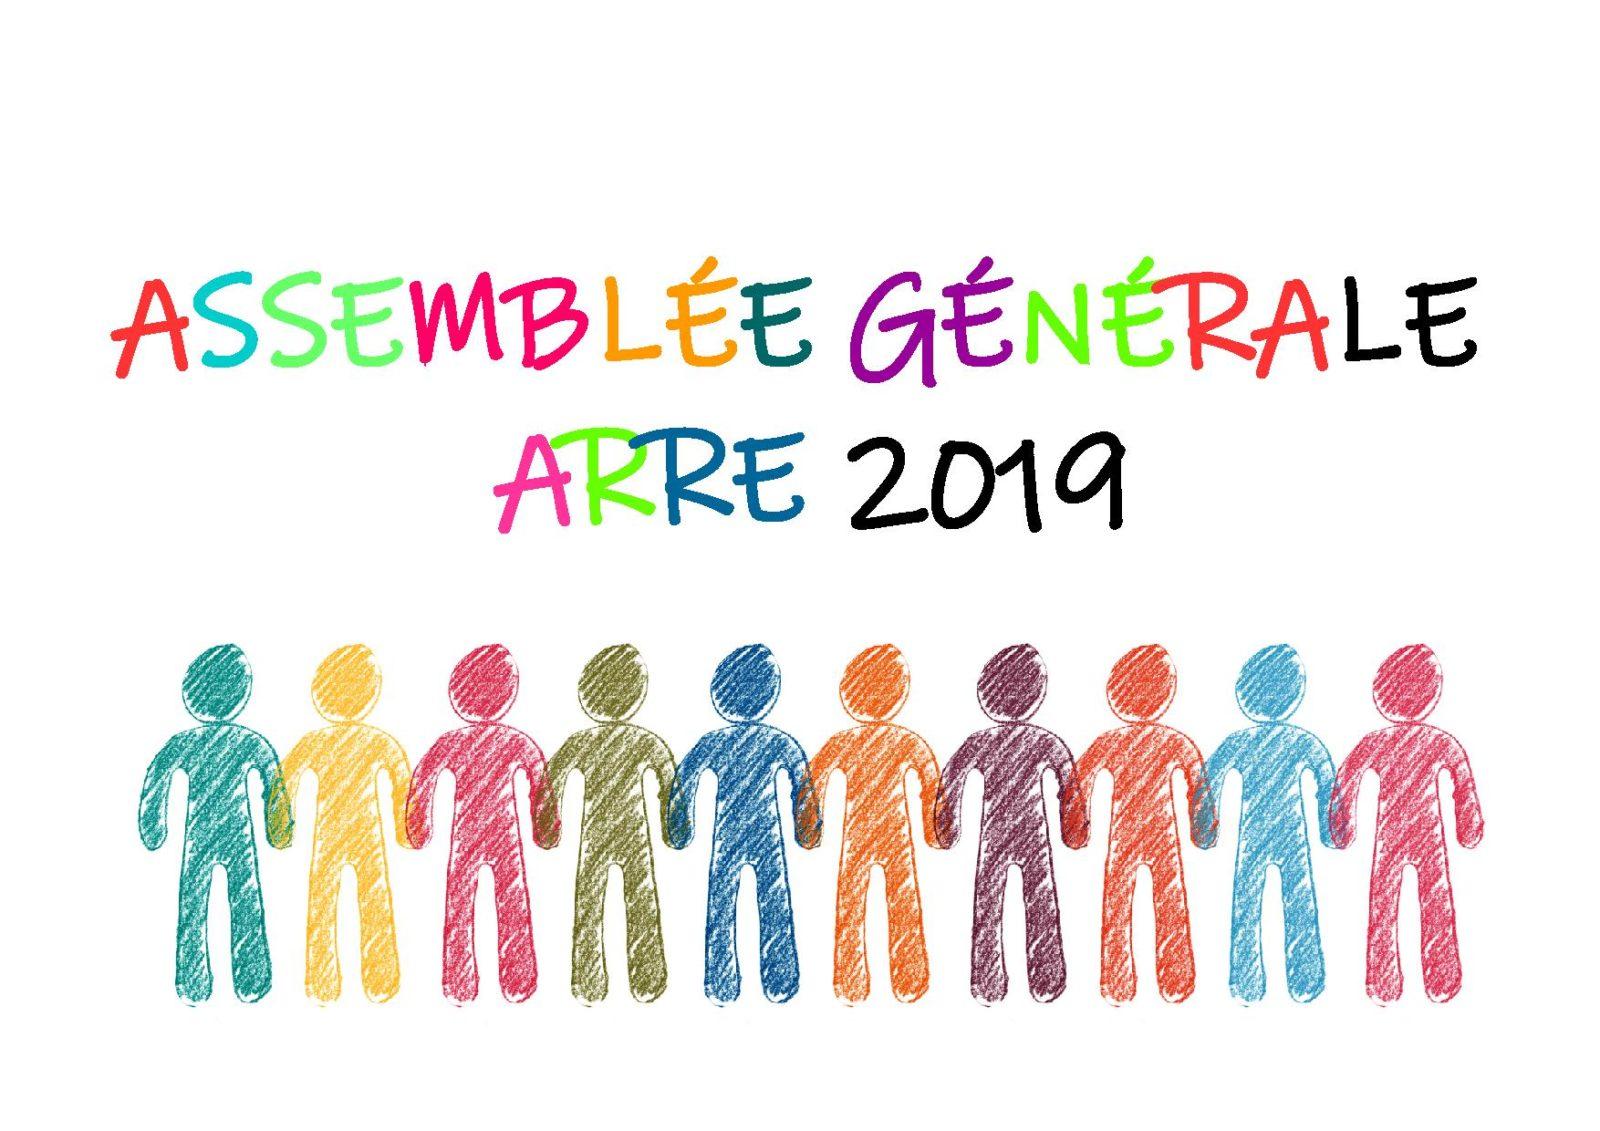 Assemblée générale 2019!